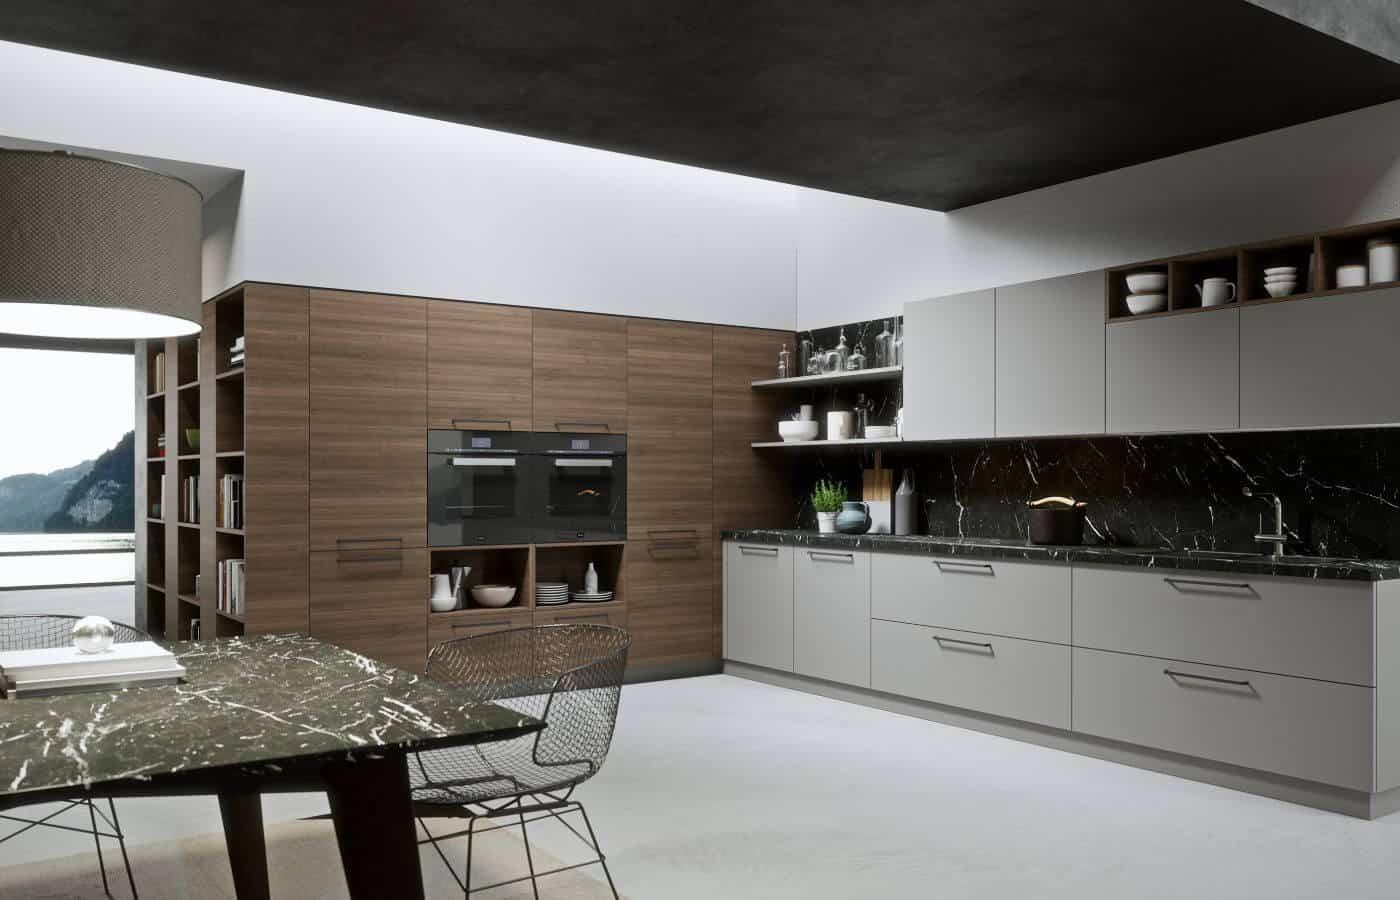 cucina-collezione-margherita-il-mobile (1)